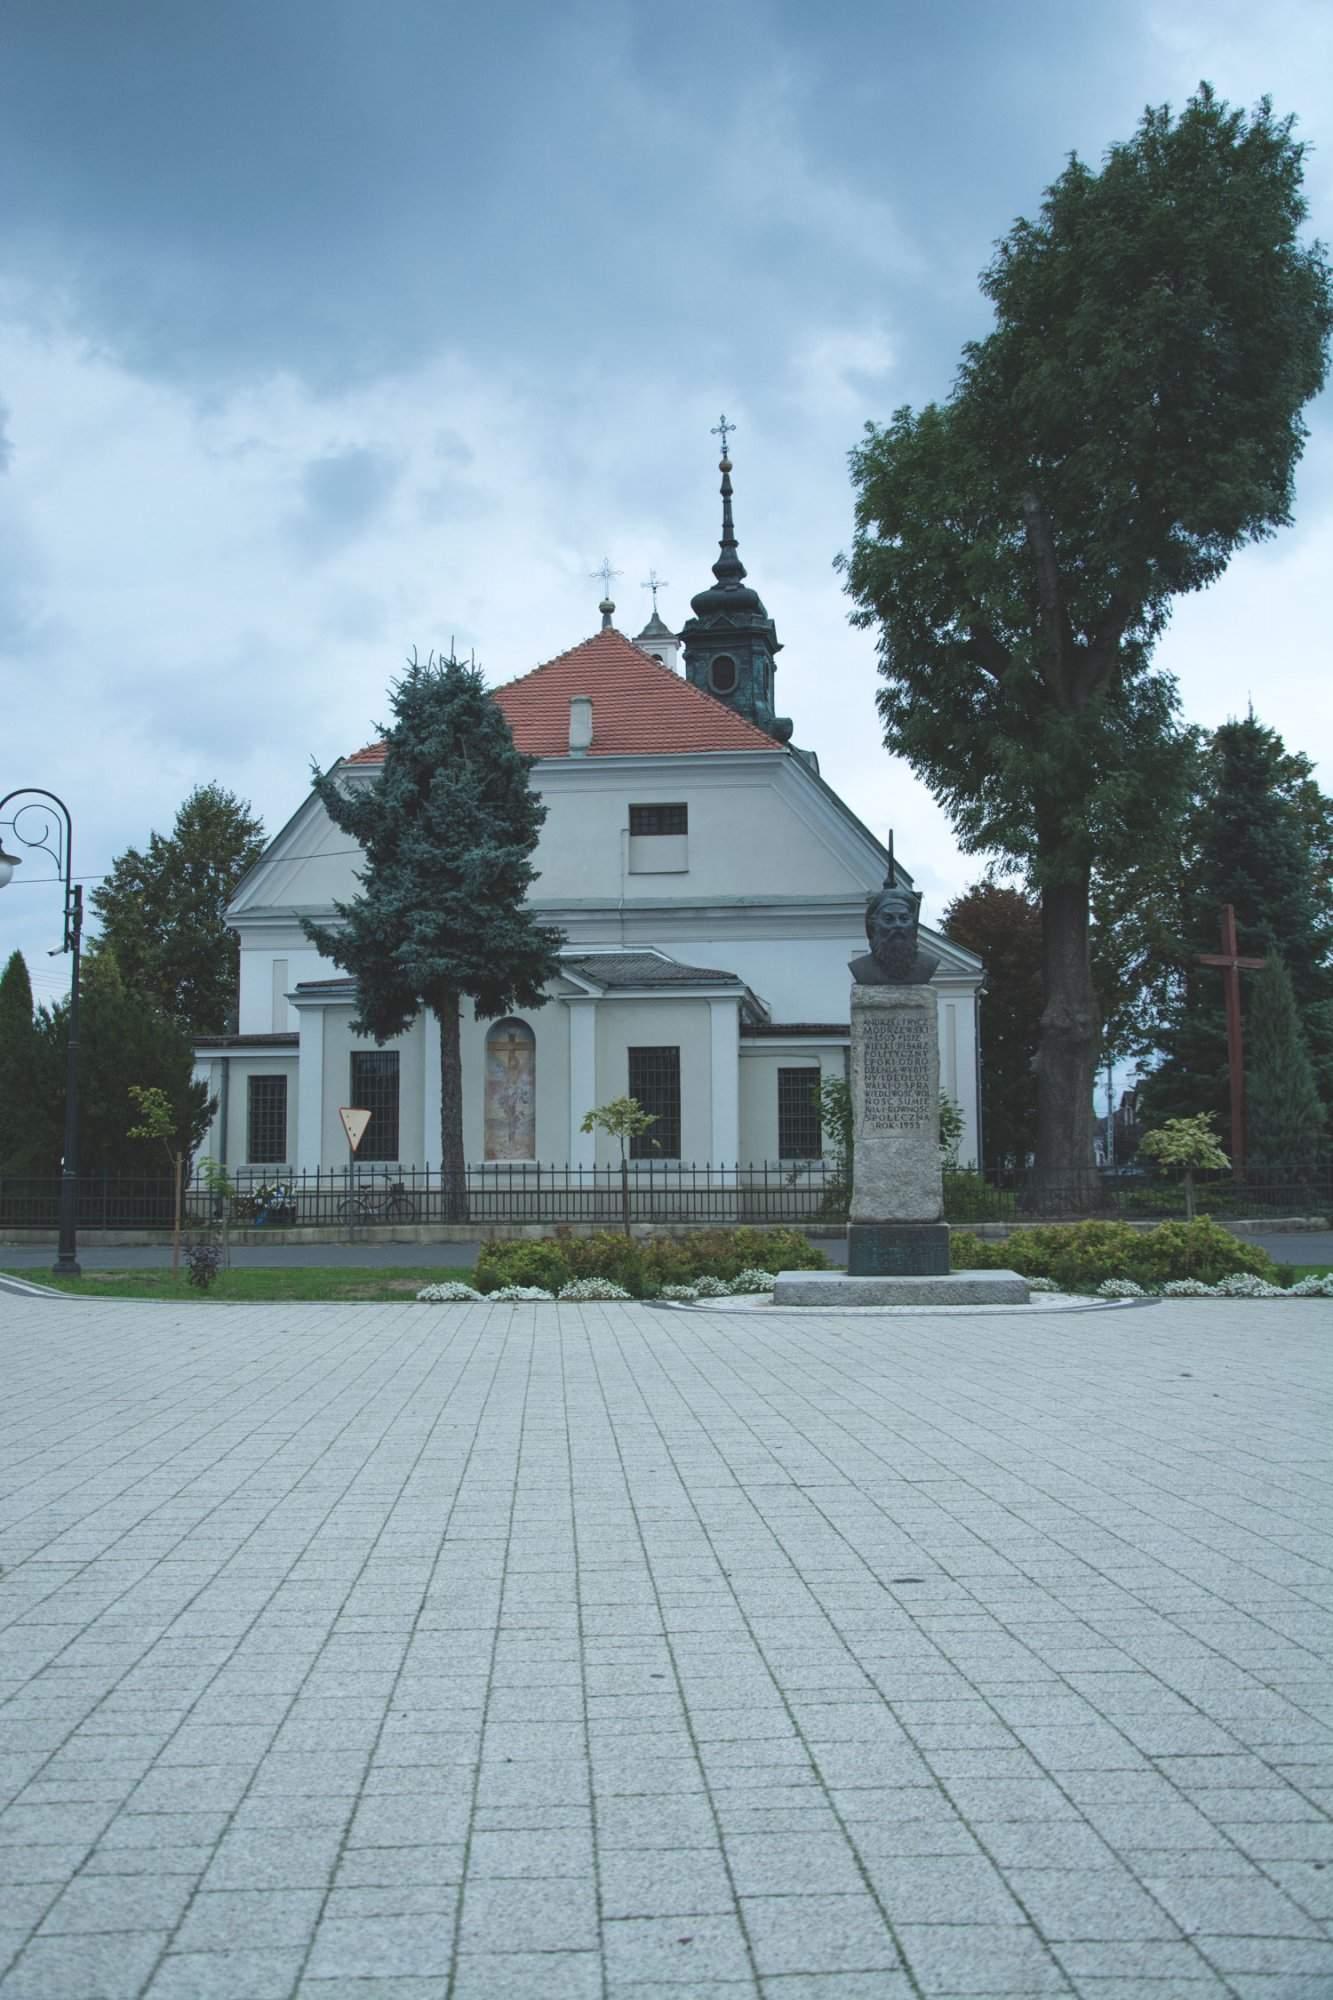 Centrum życia Wolborza: Kościół i kawałek placu. Wszystko zamiera po 17.